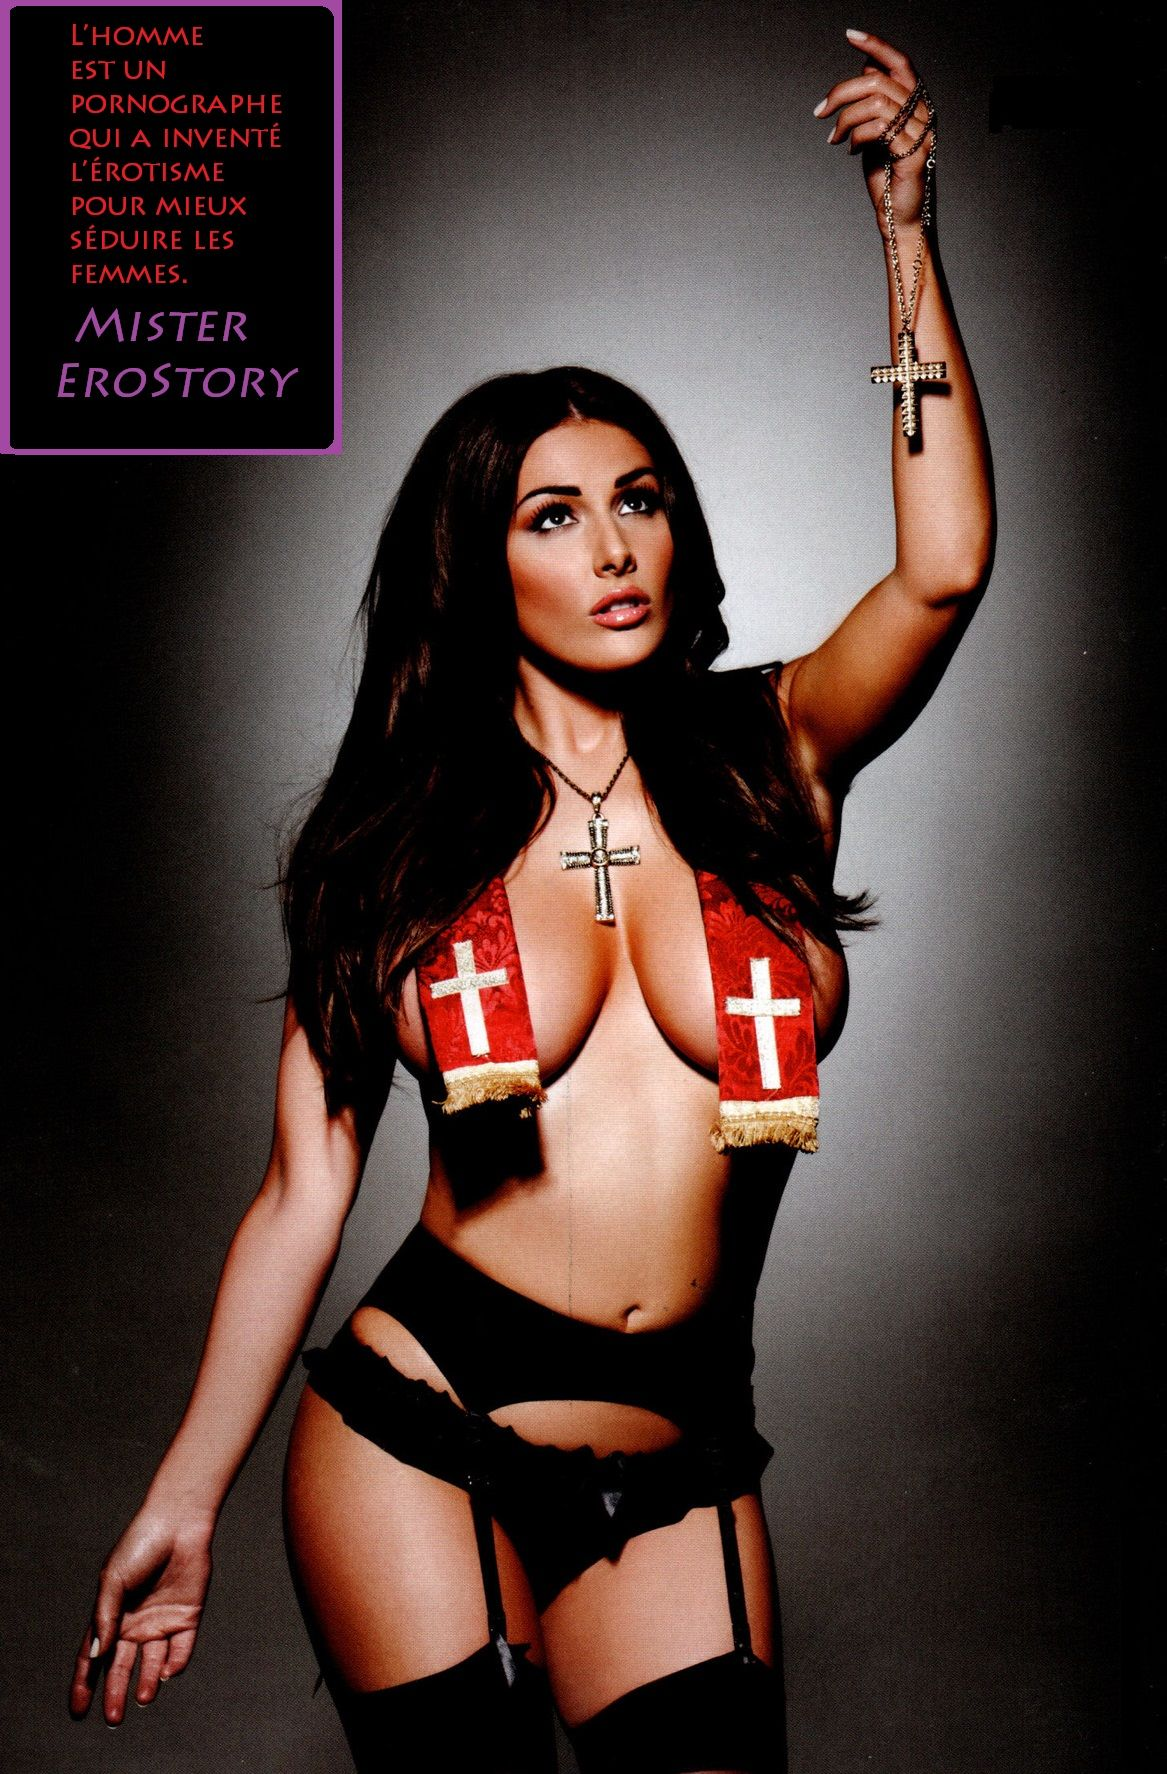 Mon ex belle-mre Rve de sexe - Le site des histoires